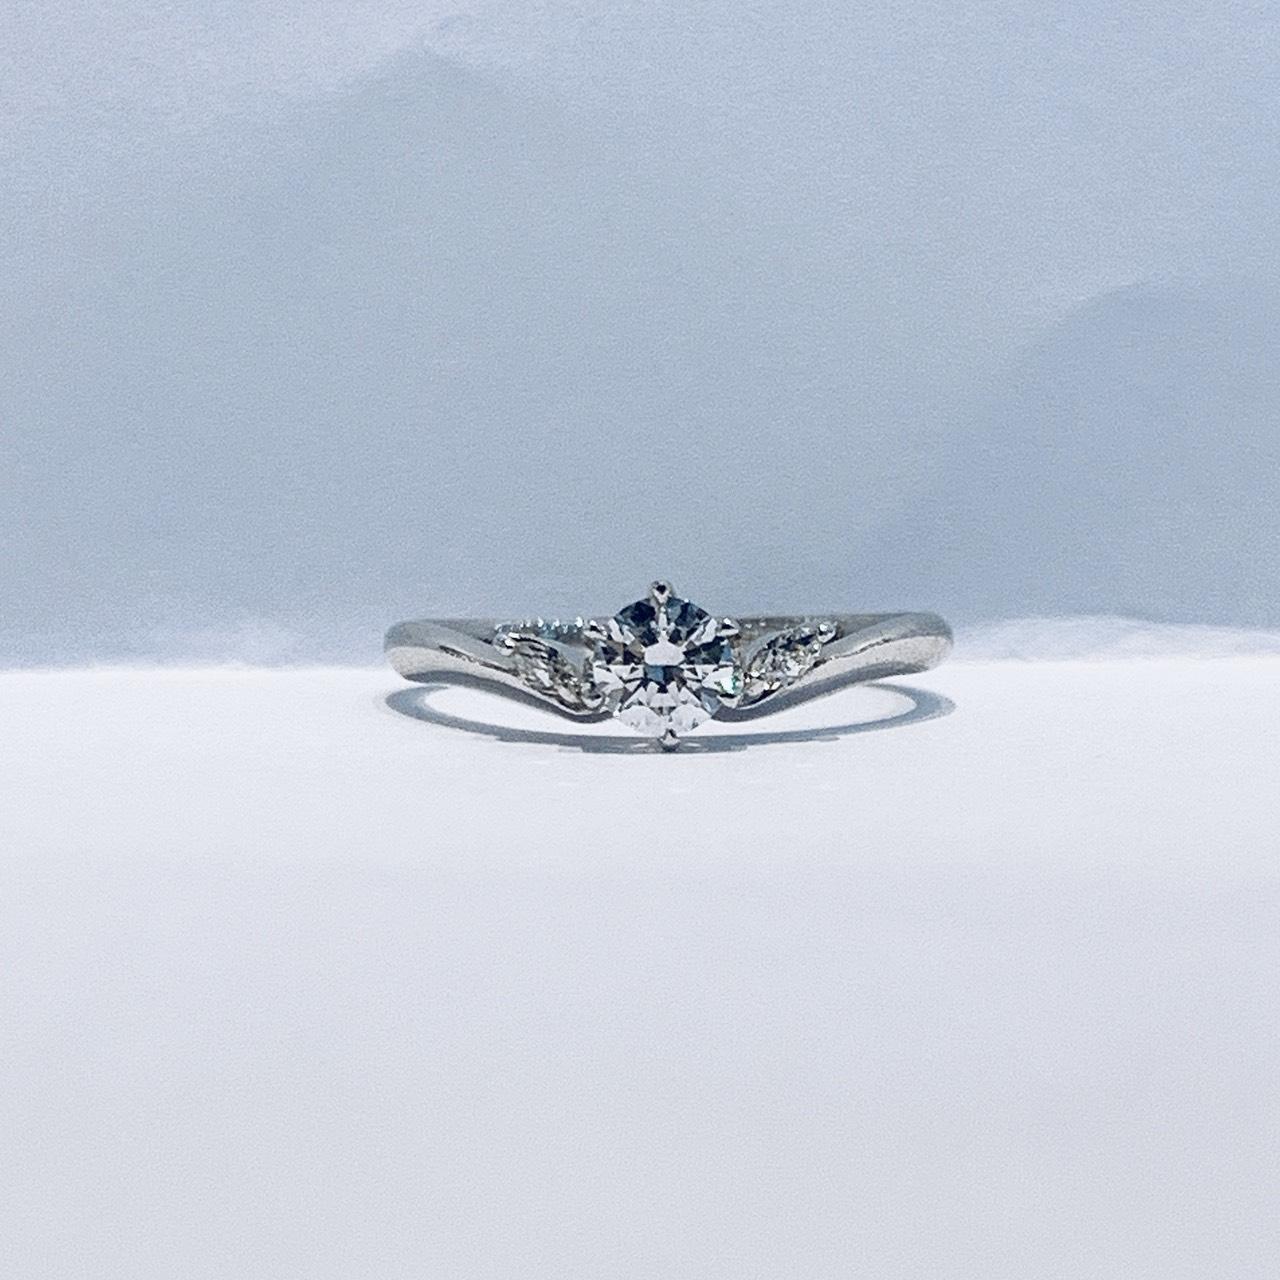 BROOCH 婚約指輪 エンゲージリング V字ラインフラワーデザイン